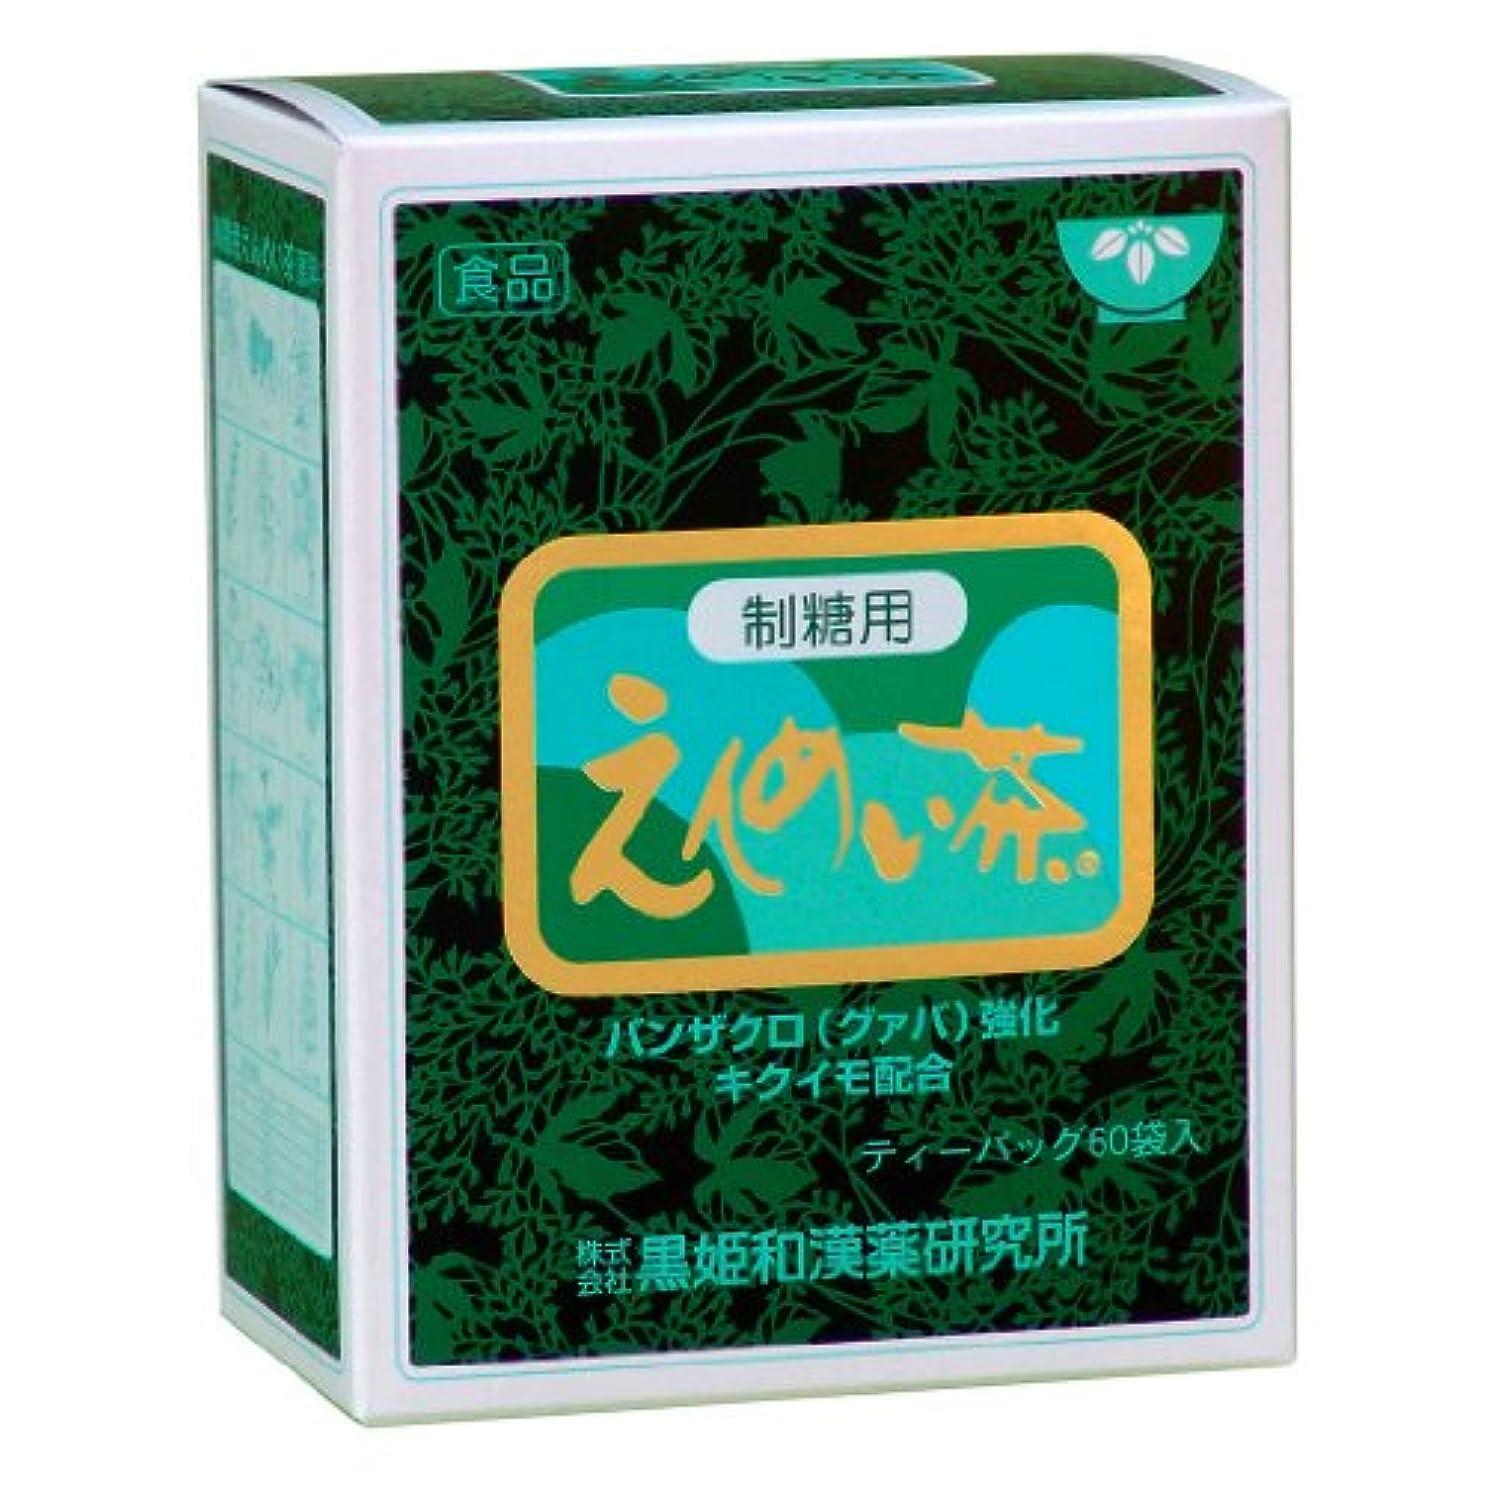 レンディションあいにく行商人ユニマットリケン 黒姫えんめい茶制糖用 5gx60包